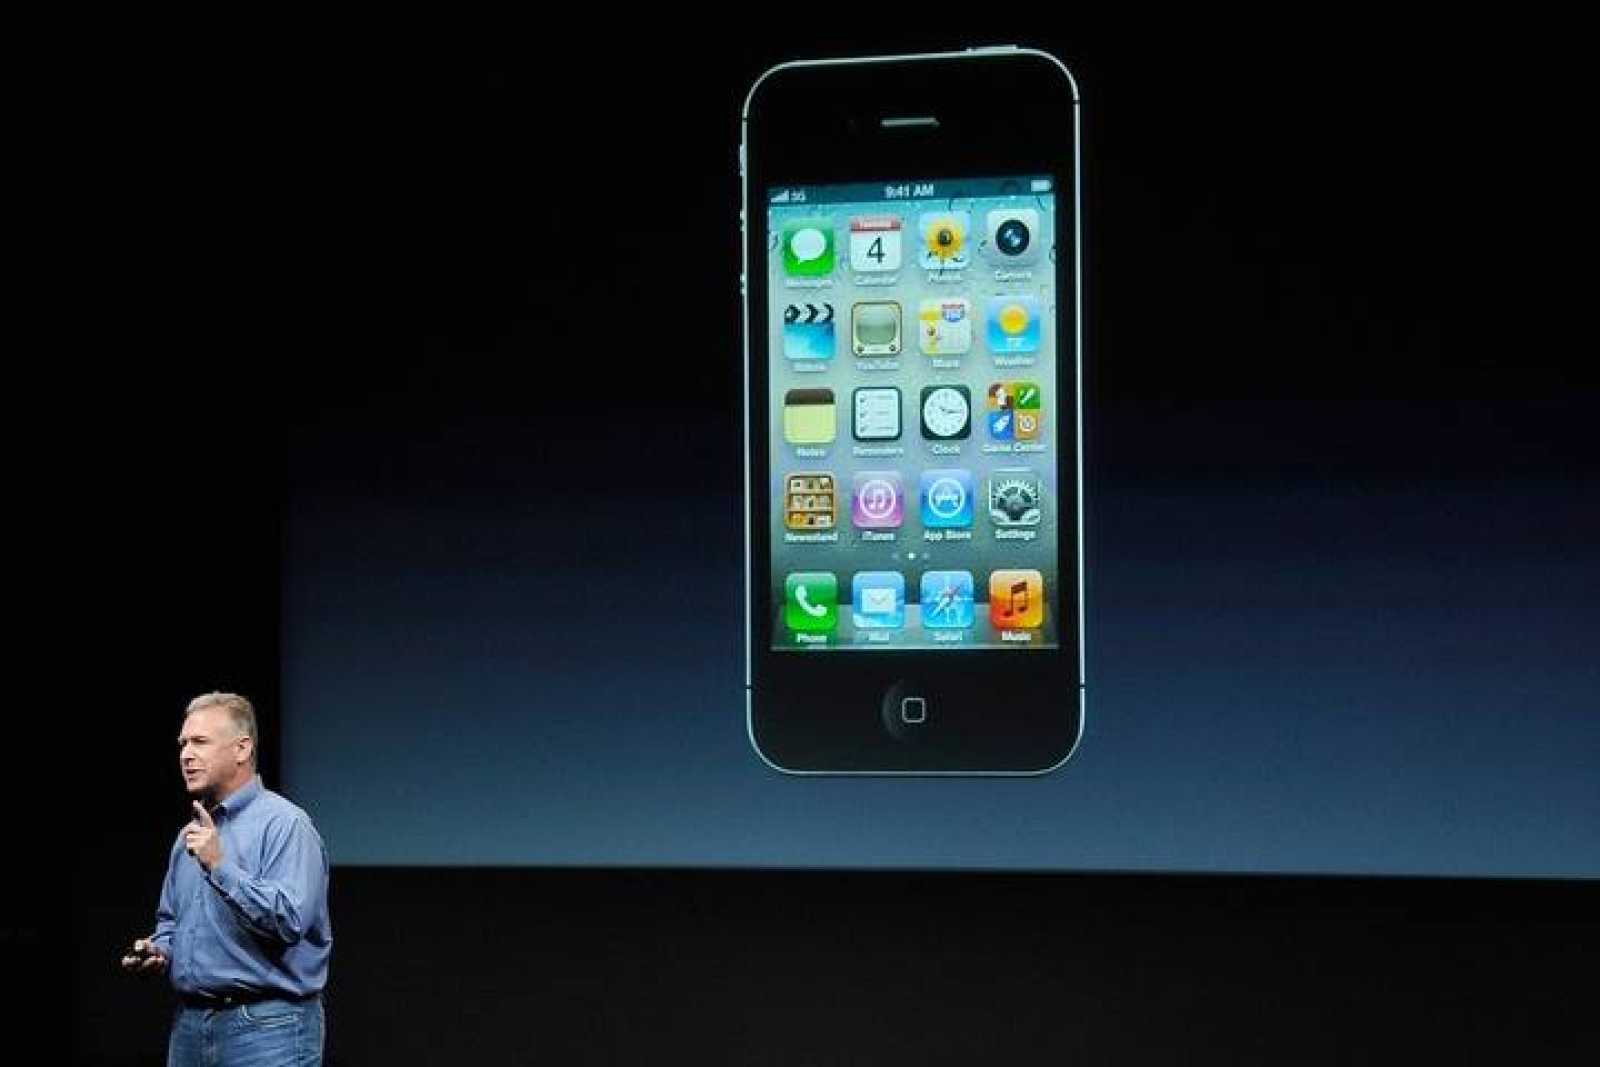 El iPhone 4S, la última versión del popular 'smartphone' de Apple ha sido presentado por Phillip Schiller, uno de los vicepresidentes de la compañía